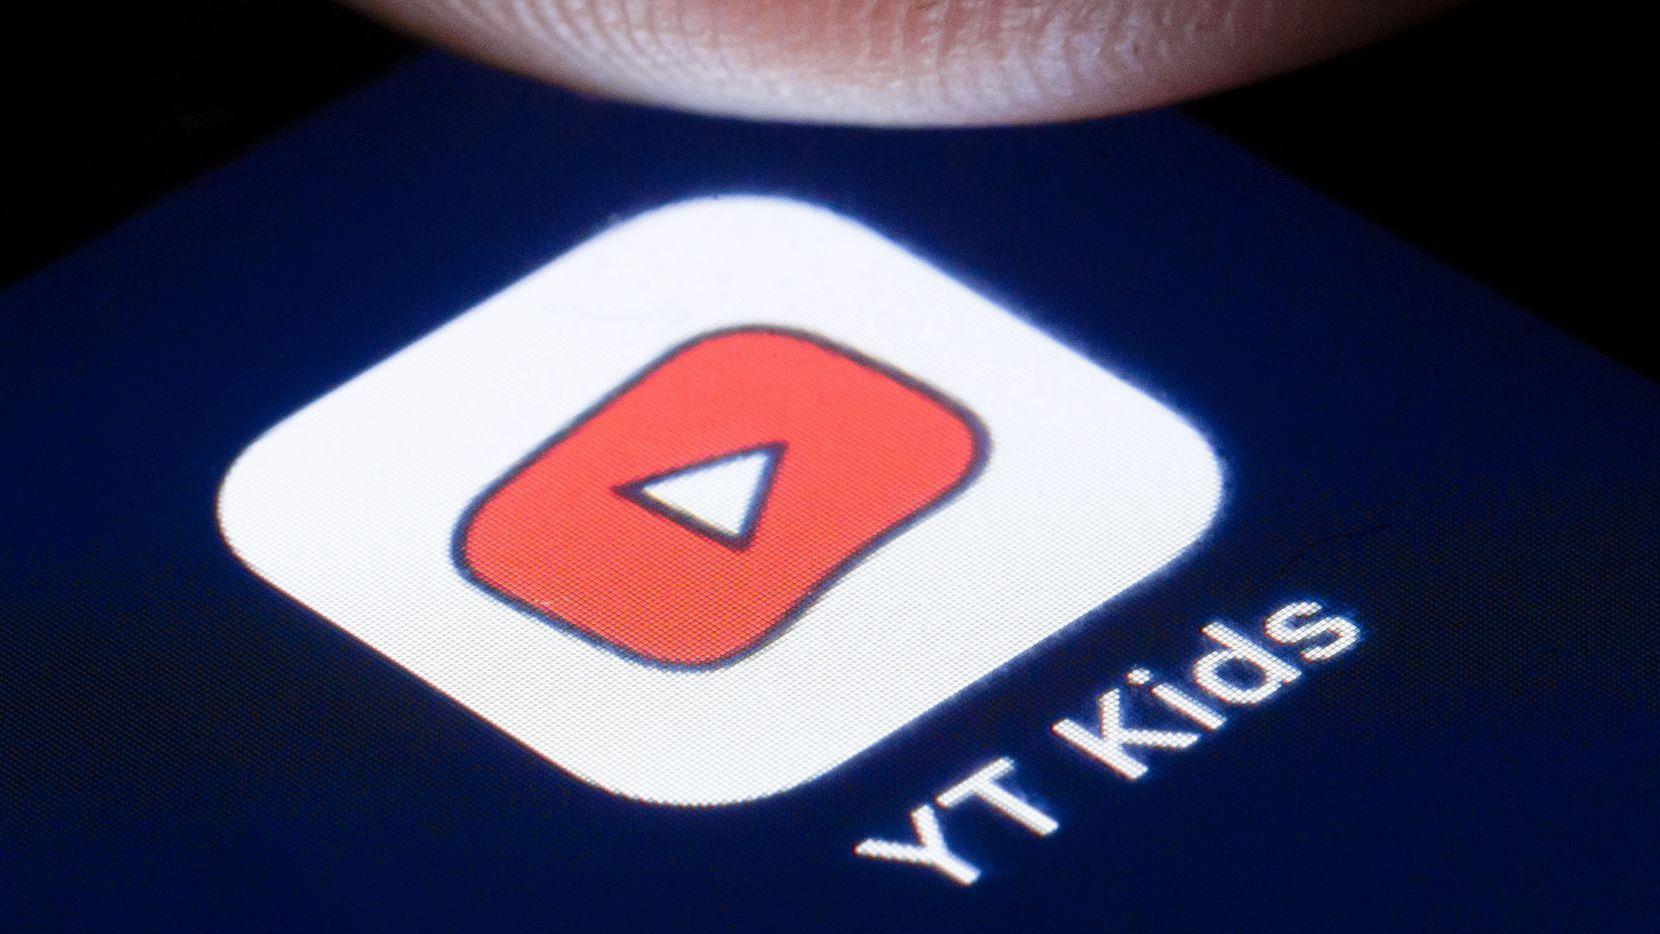 Fotografía de un celular mostrando la app Youtube Kids.